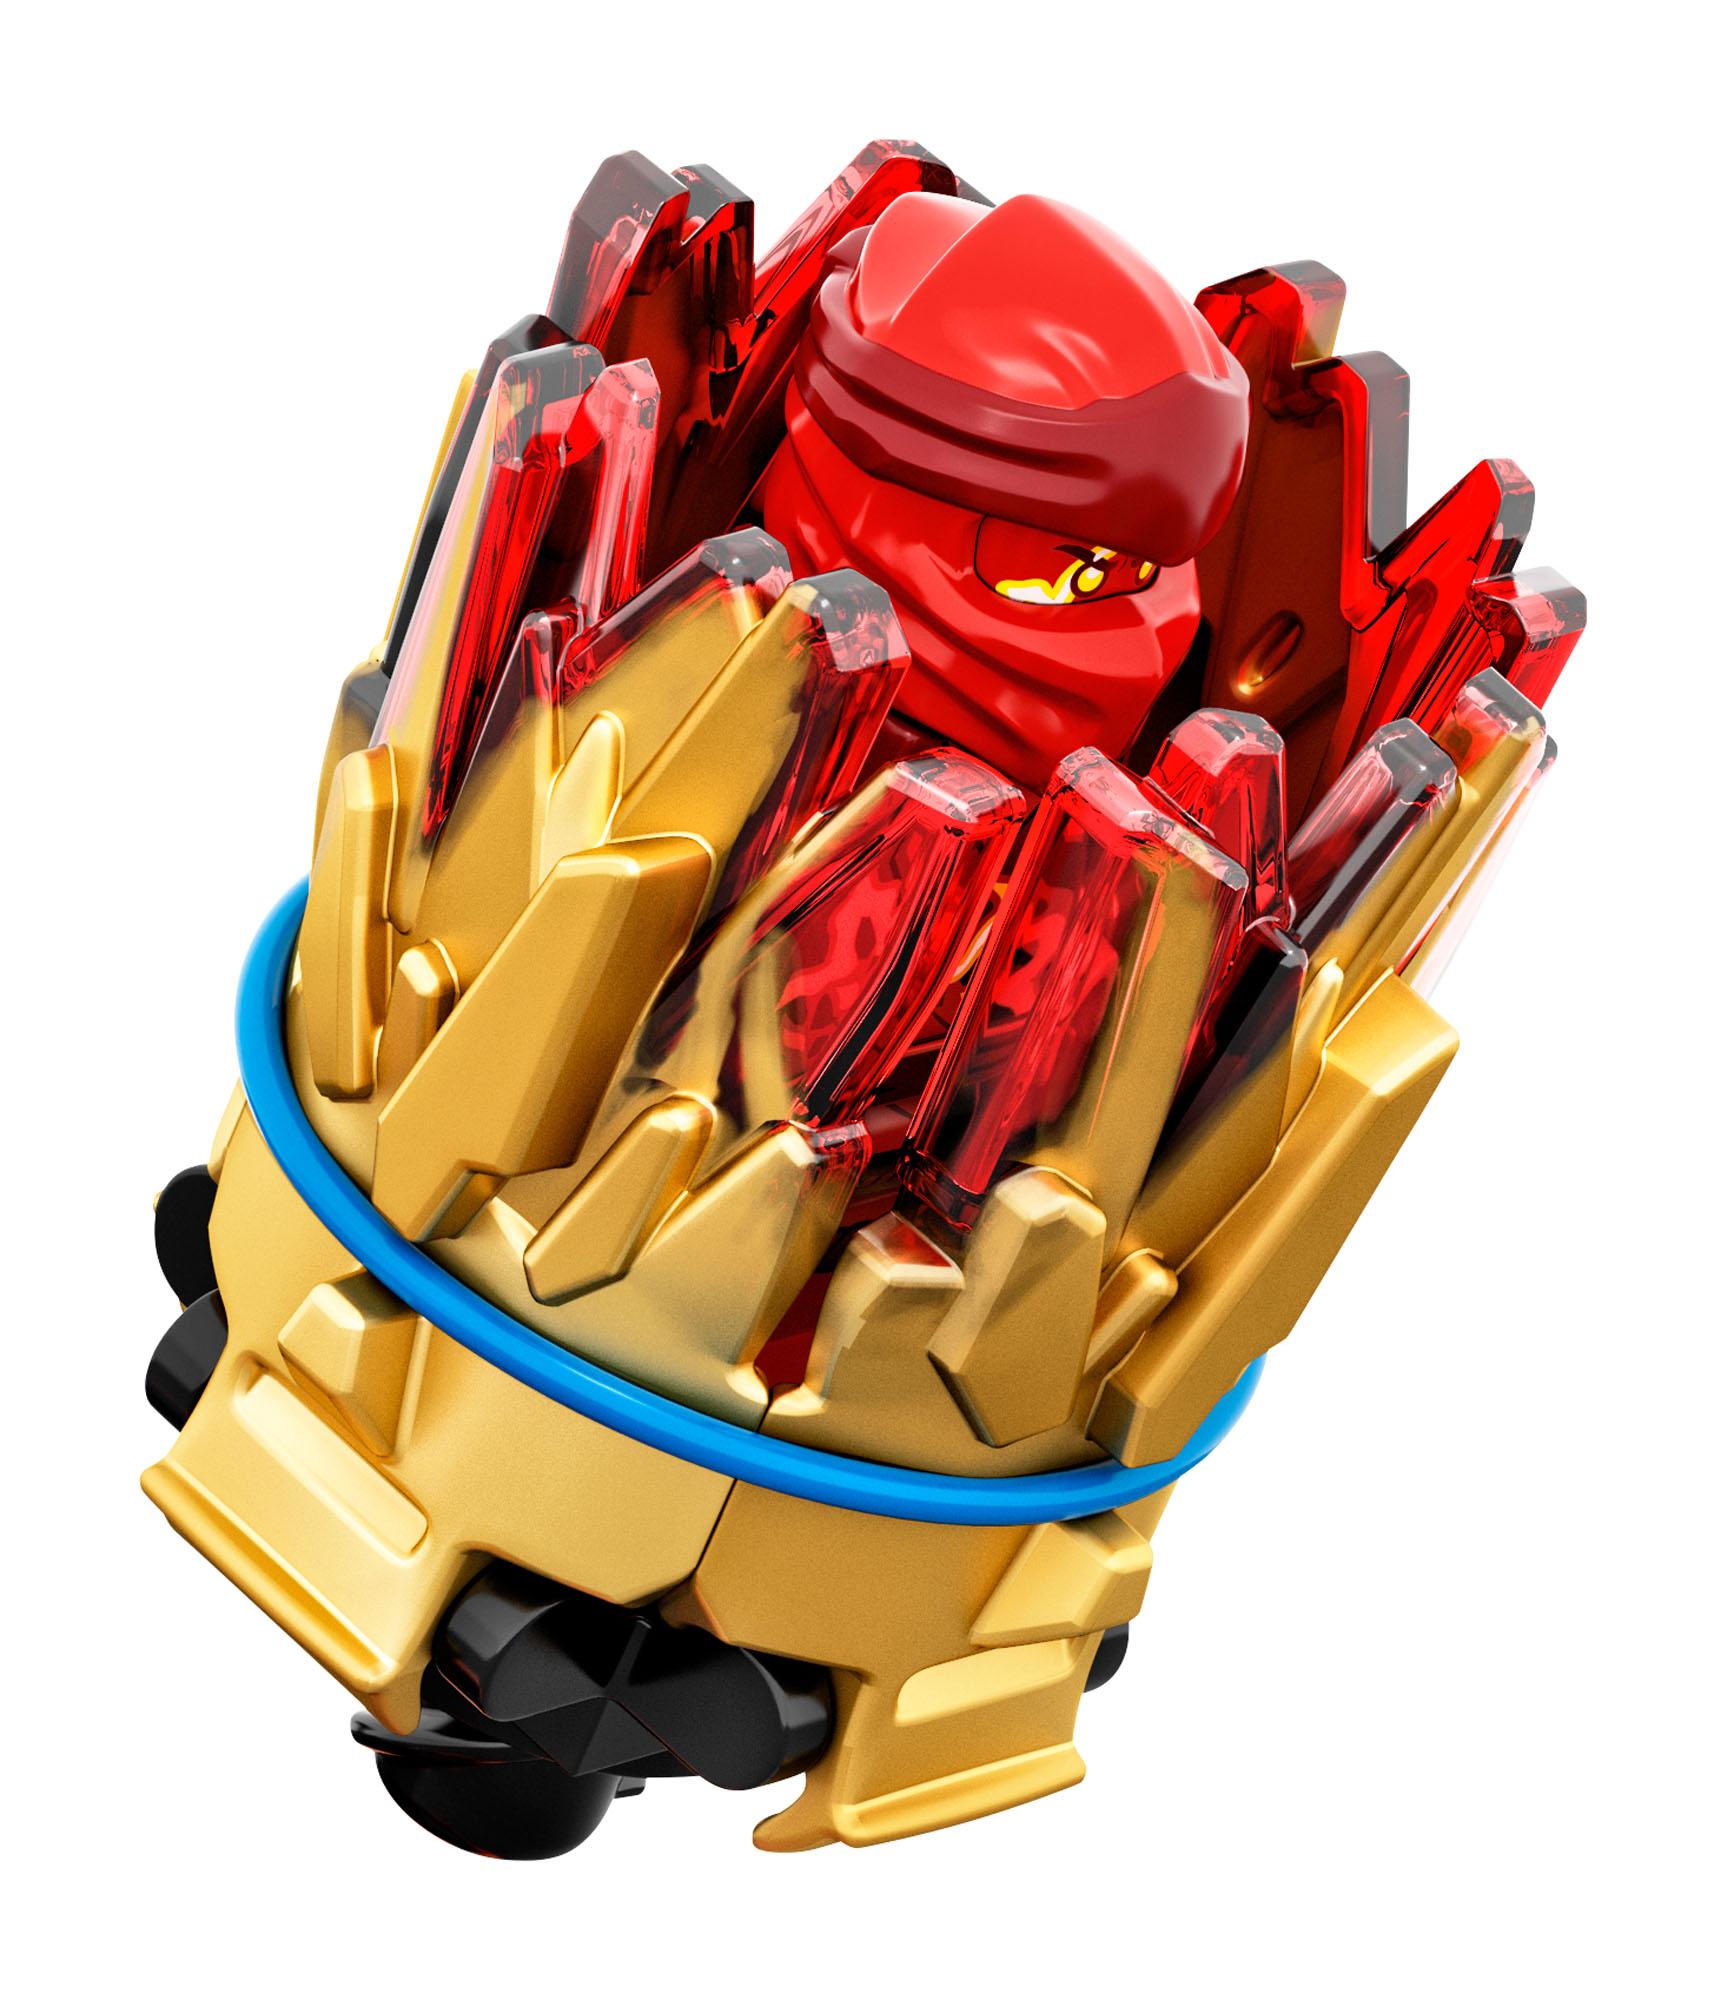 70686 lego ninjago spinjitzu burst  kai accessory ninja